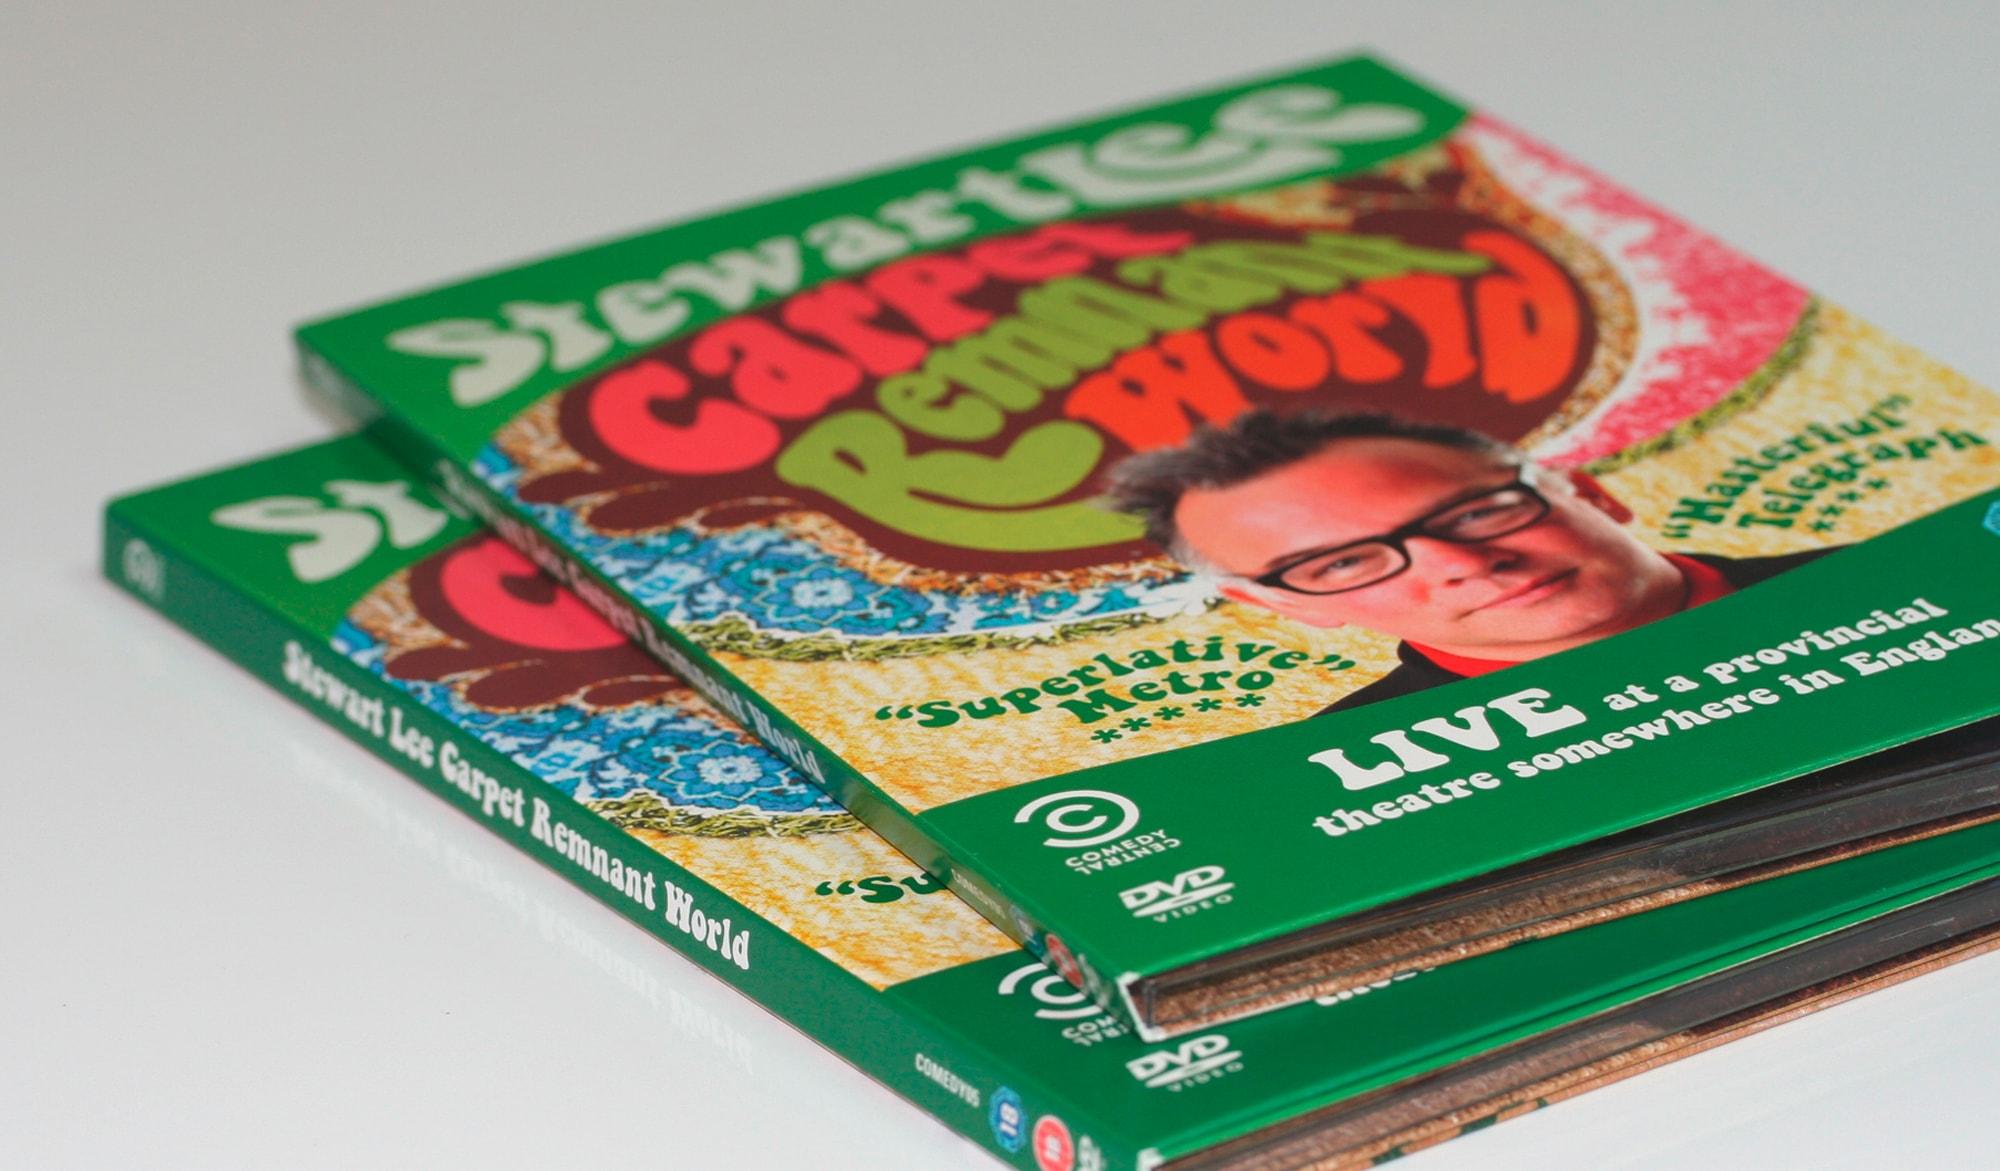 Stewart Lee - carpet world DVD